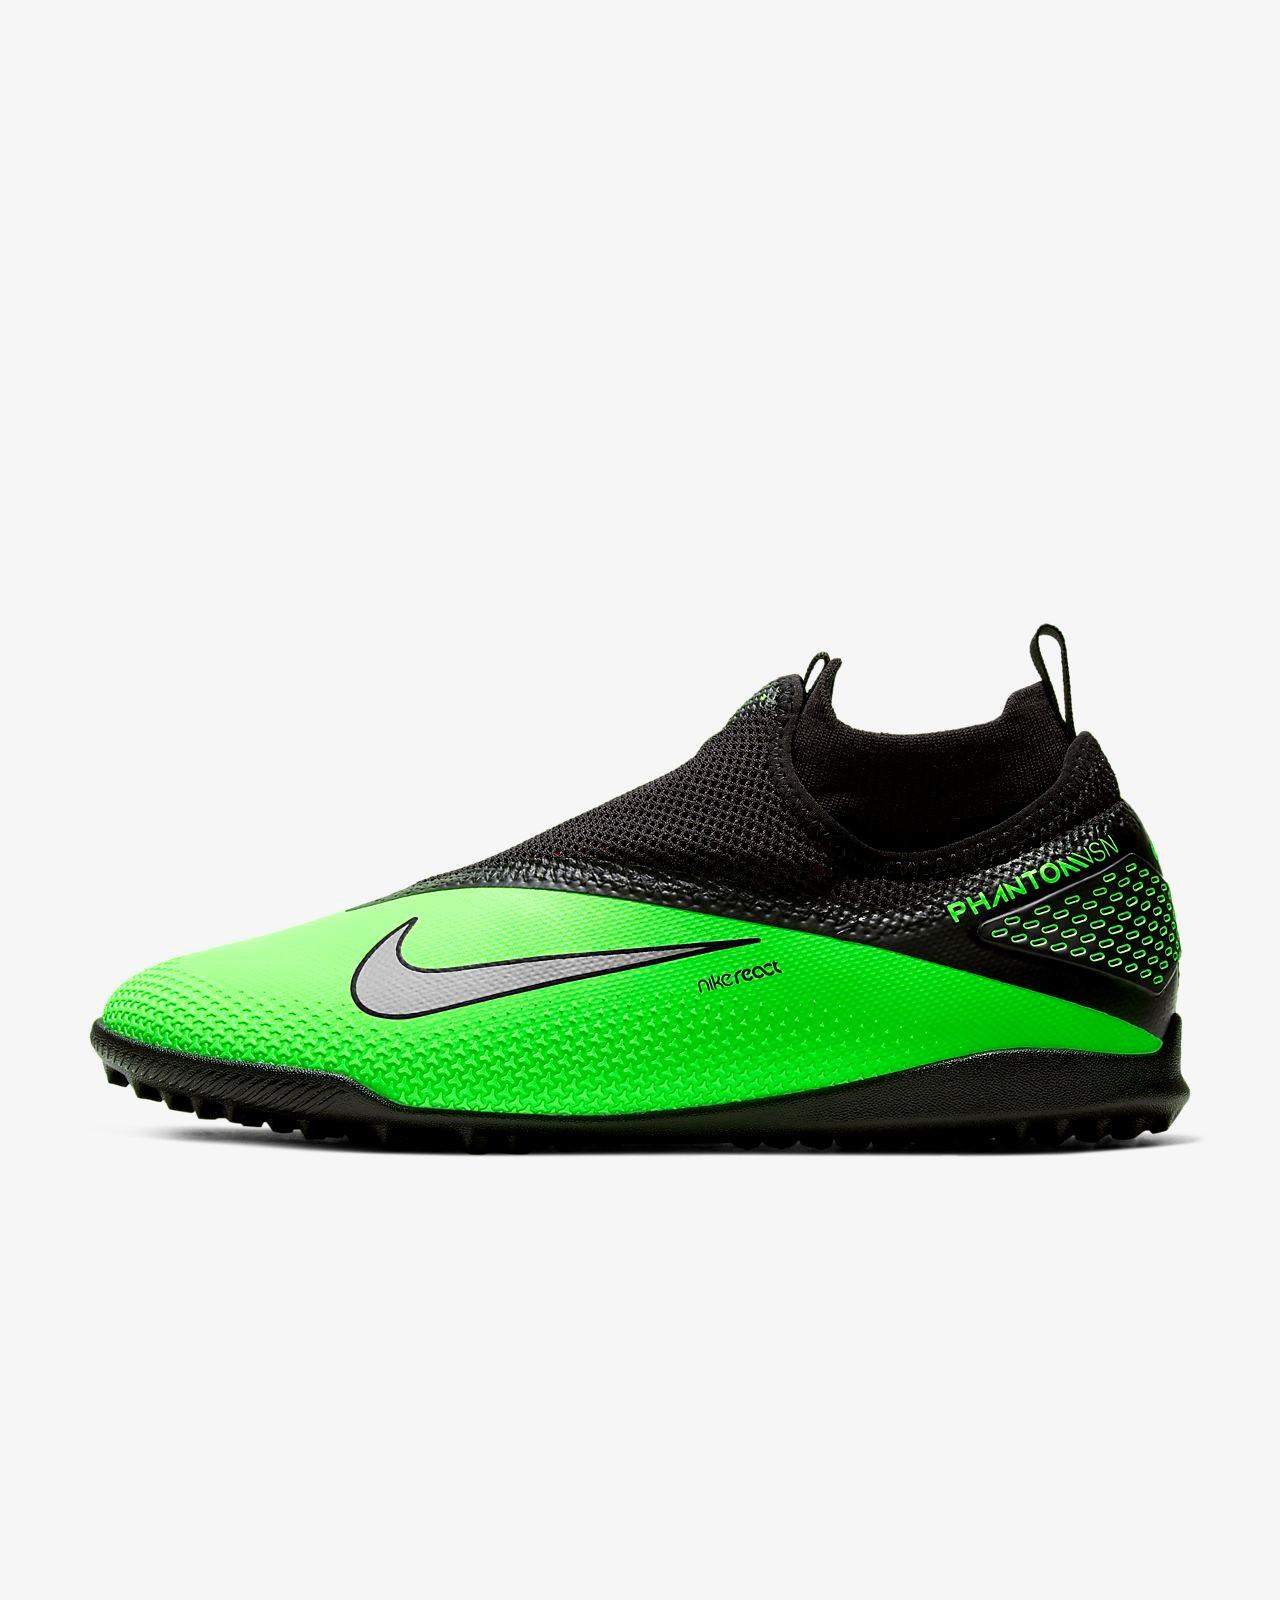 Nike Phantom VSN Future Lab II 2020 - 6